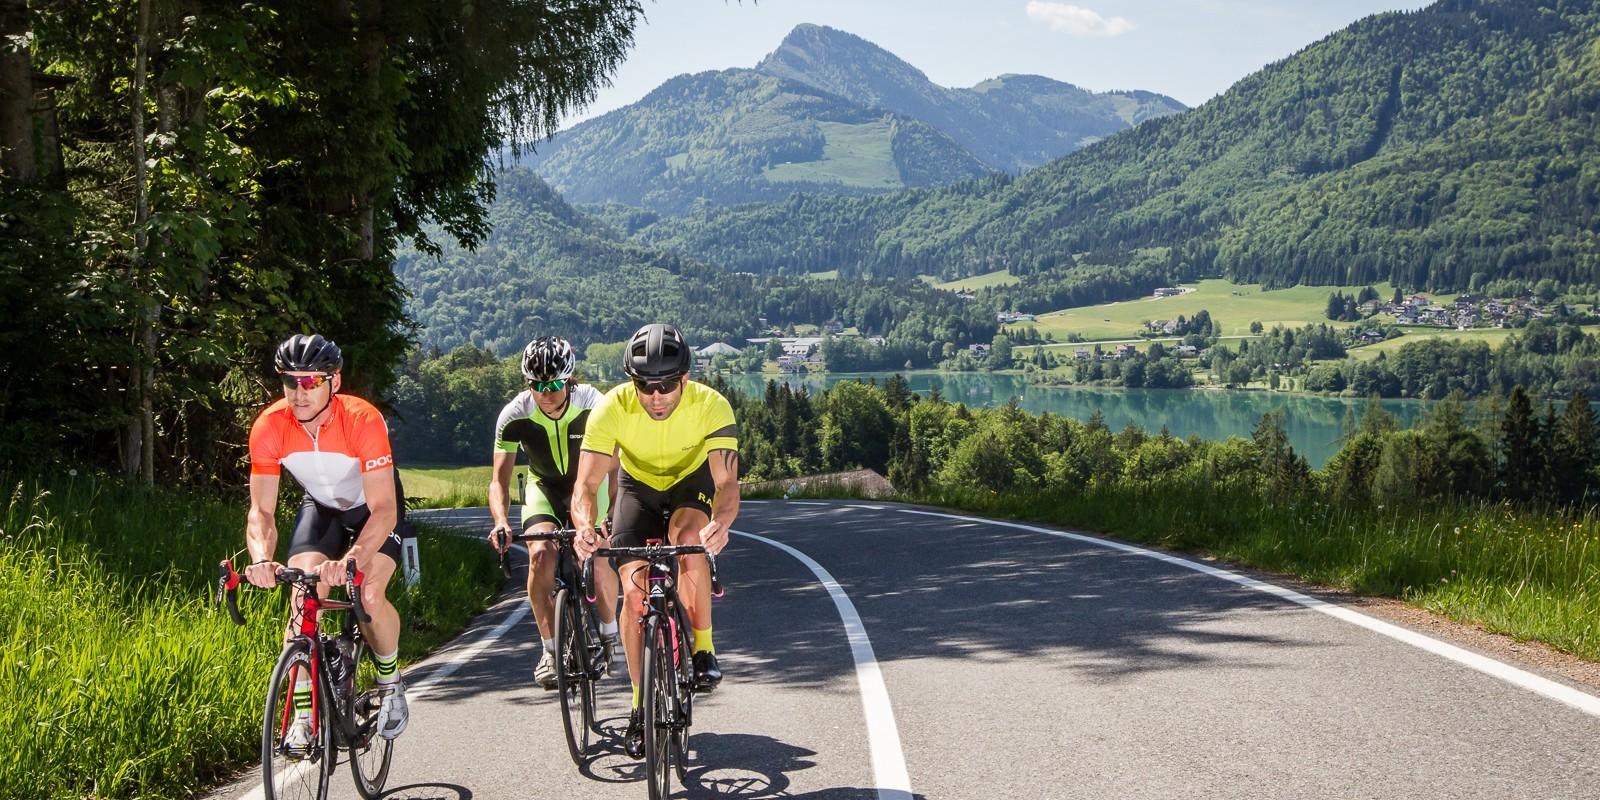 Rennradregion Fuschlsee